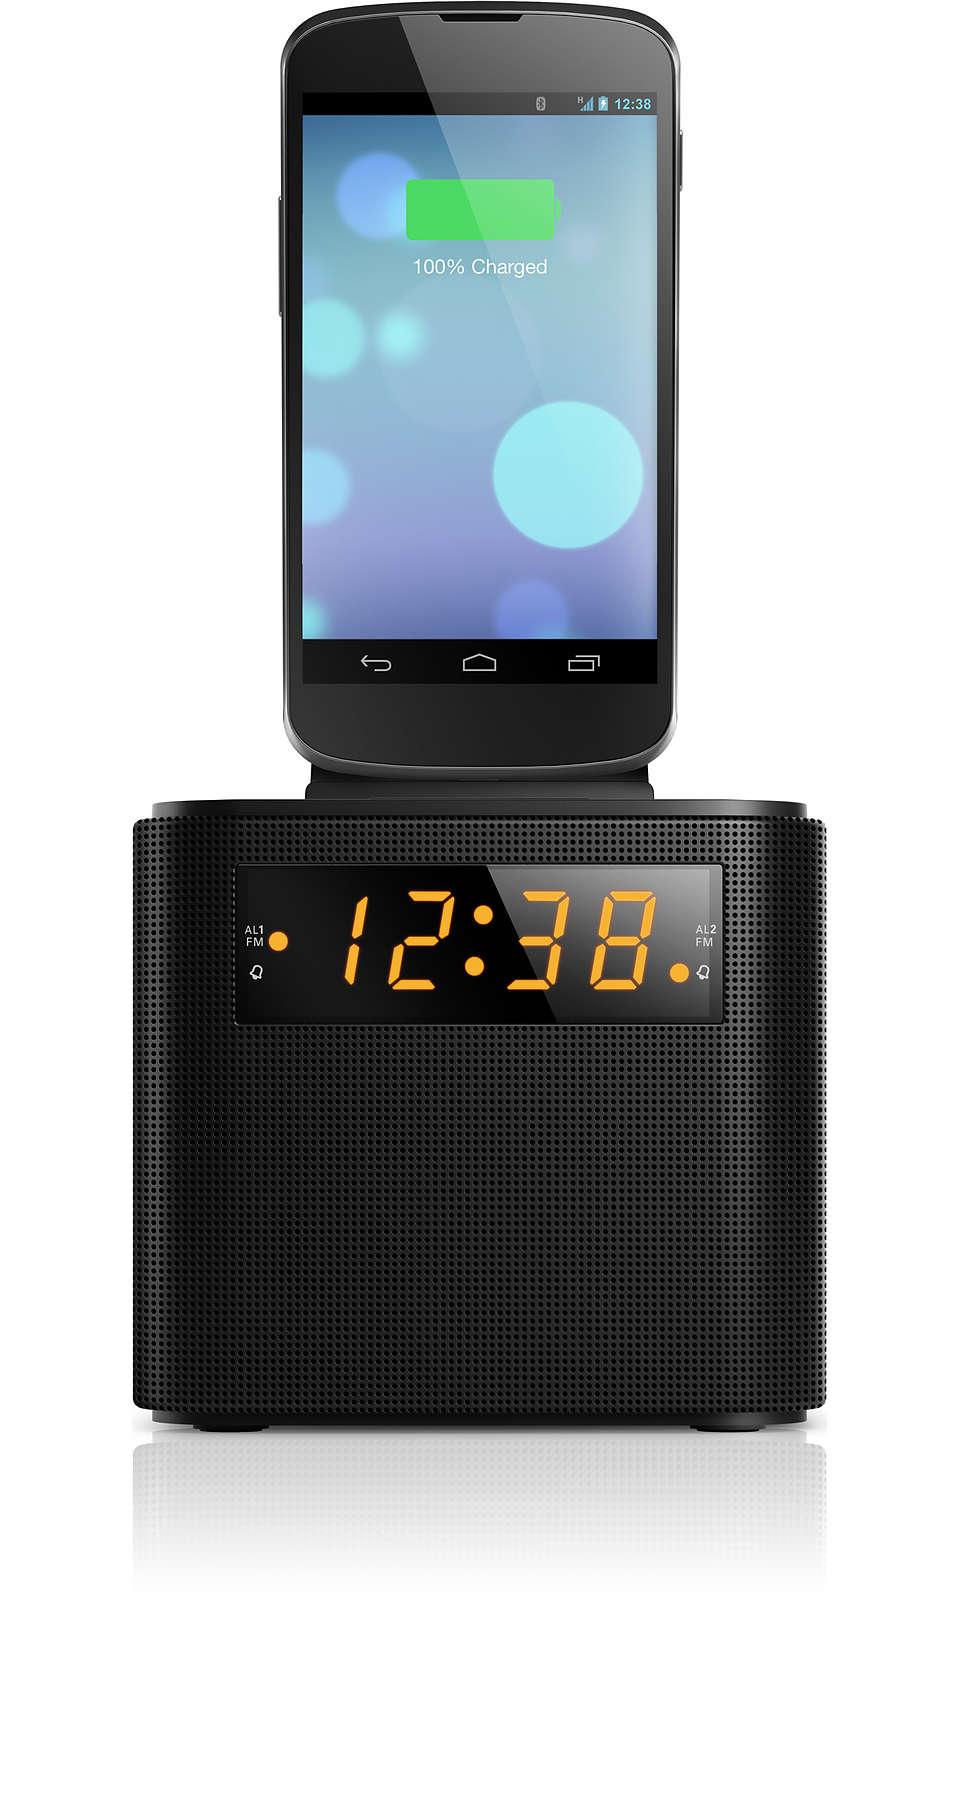 Svegliati al suono della radio FM e con lo smartphone carico